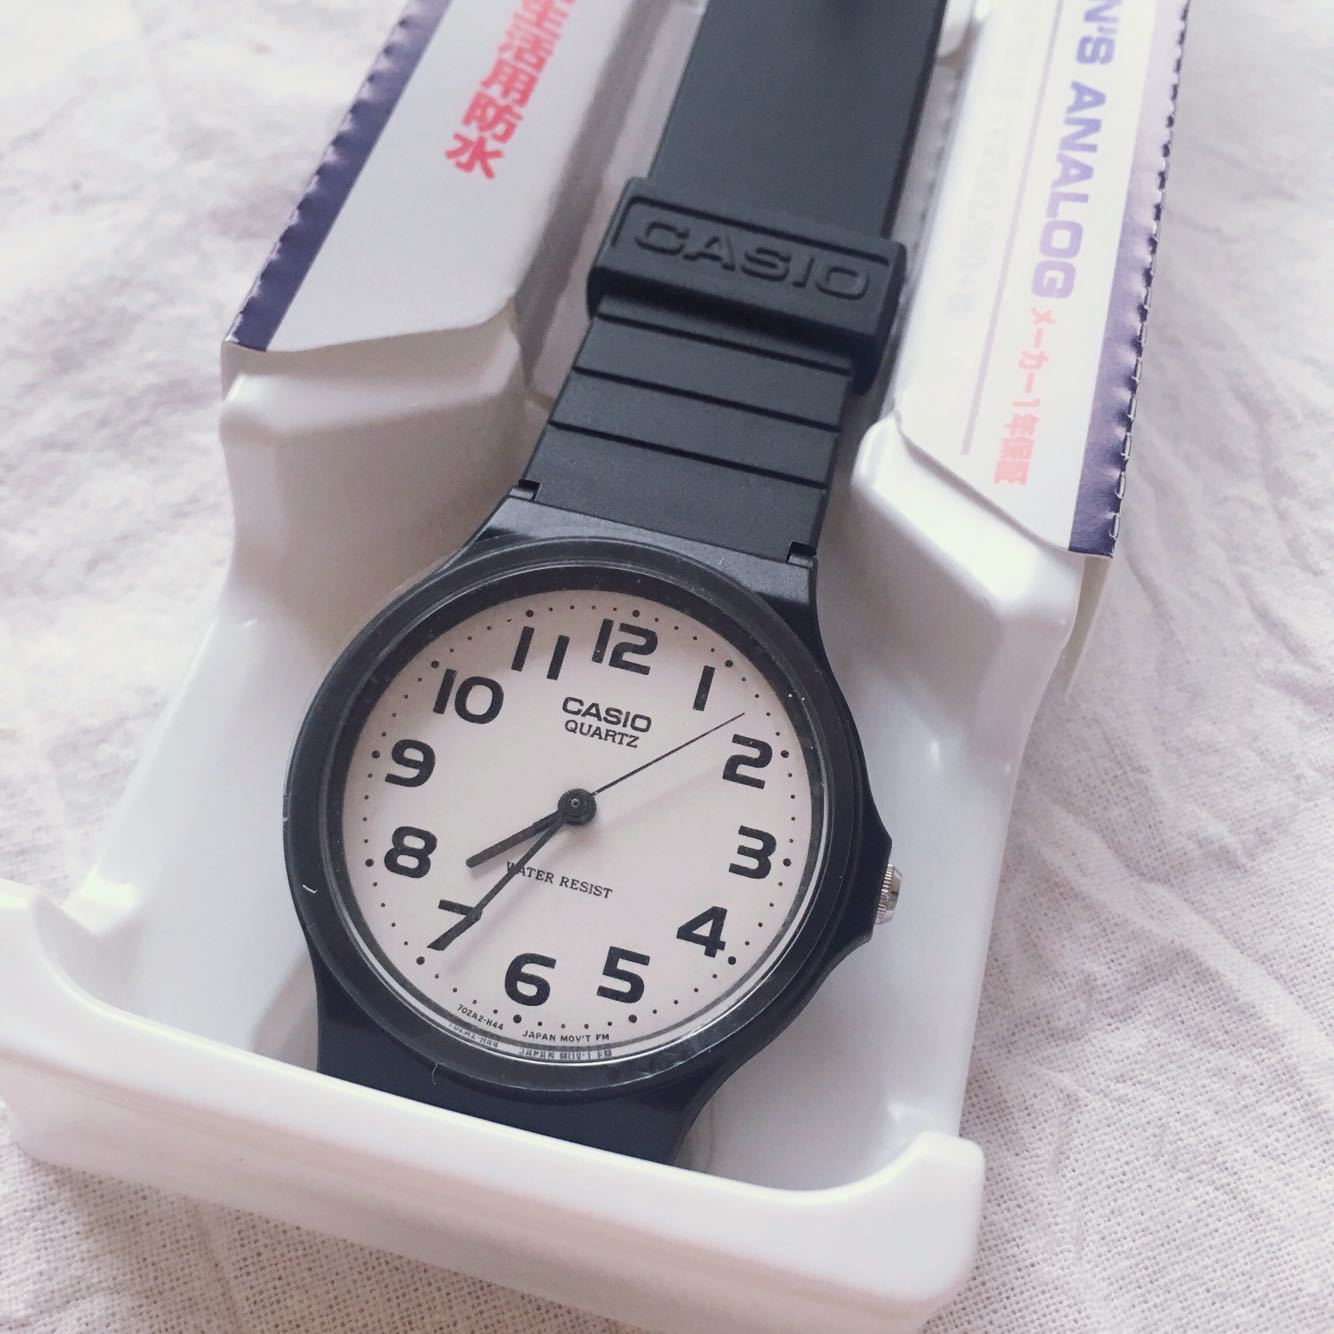 高仿卡西欧手表淘宝店微商货源网 第1张